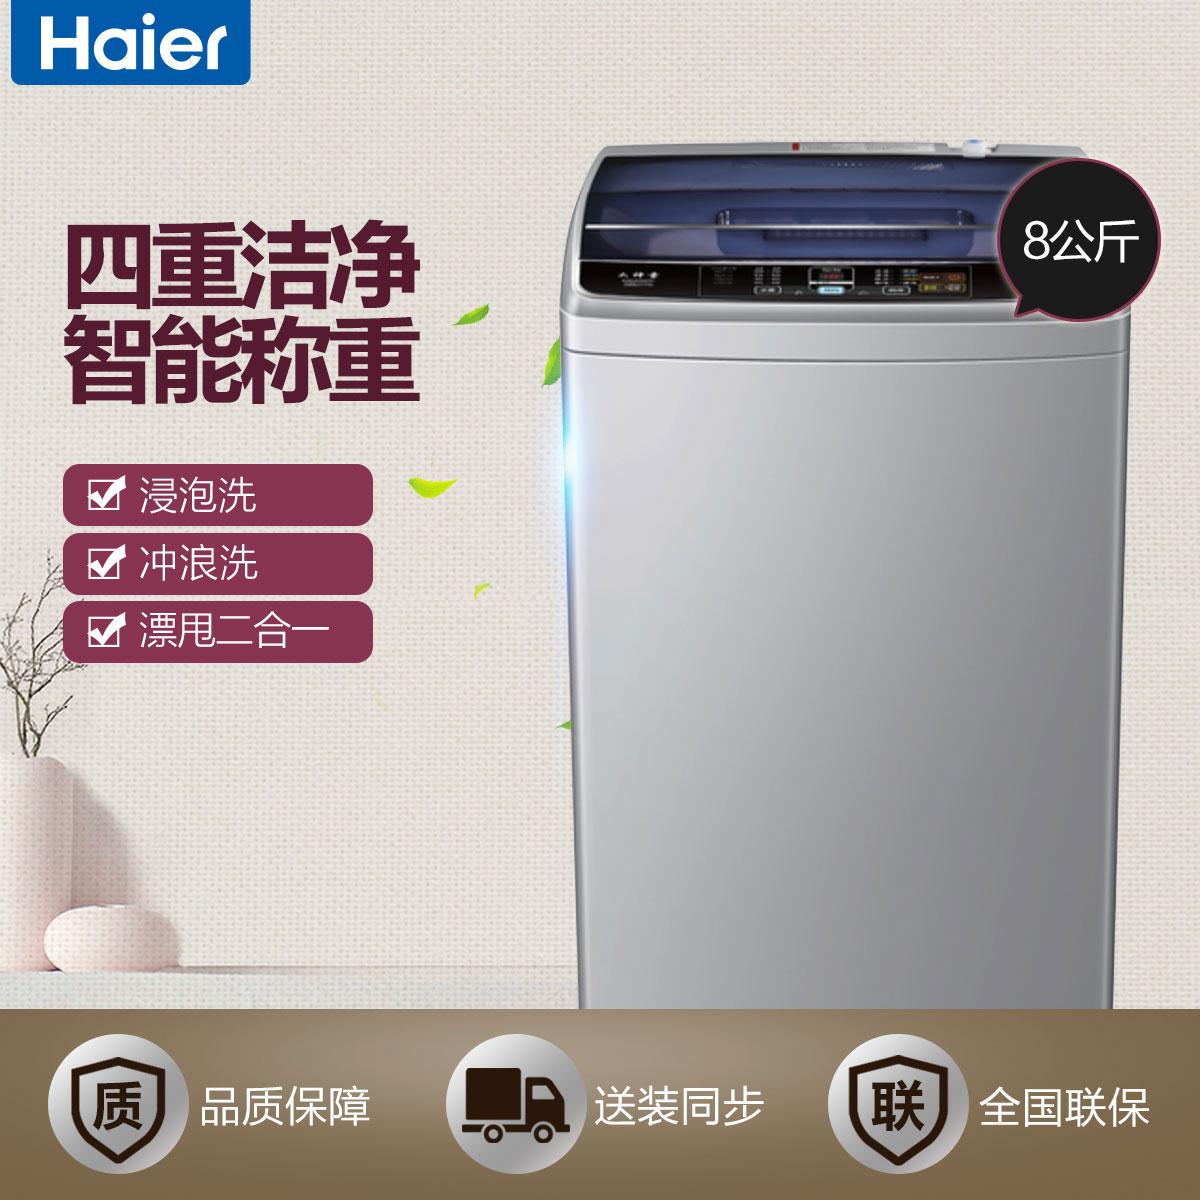 8kg/公斤 全自动波轮洗衣机、四重洁净 智能预约 浸泡洗 冲浪洗 EB80M39TH